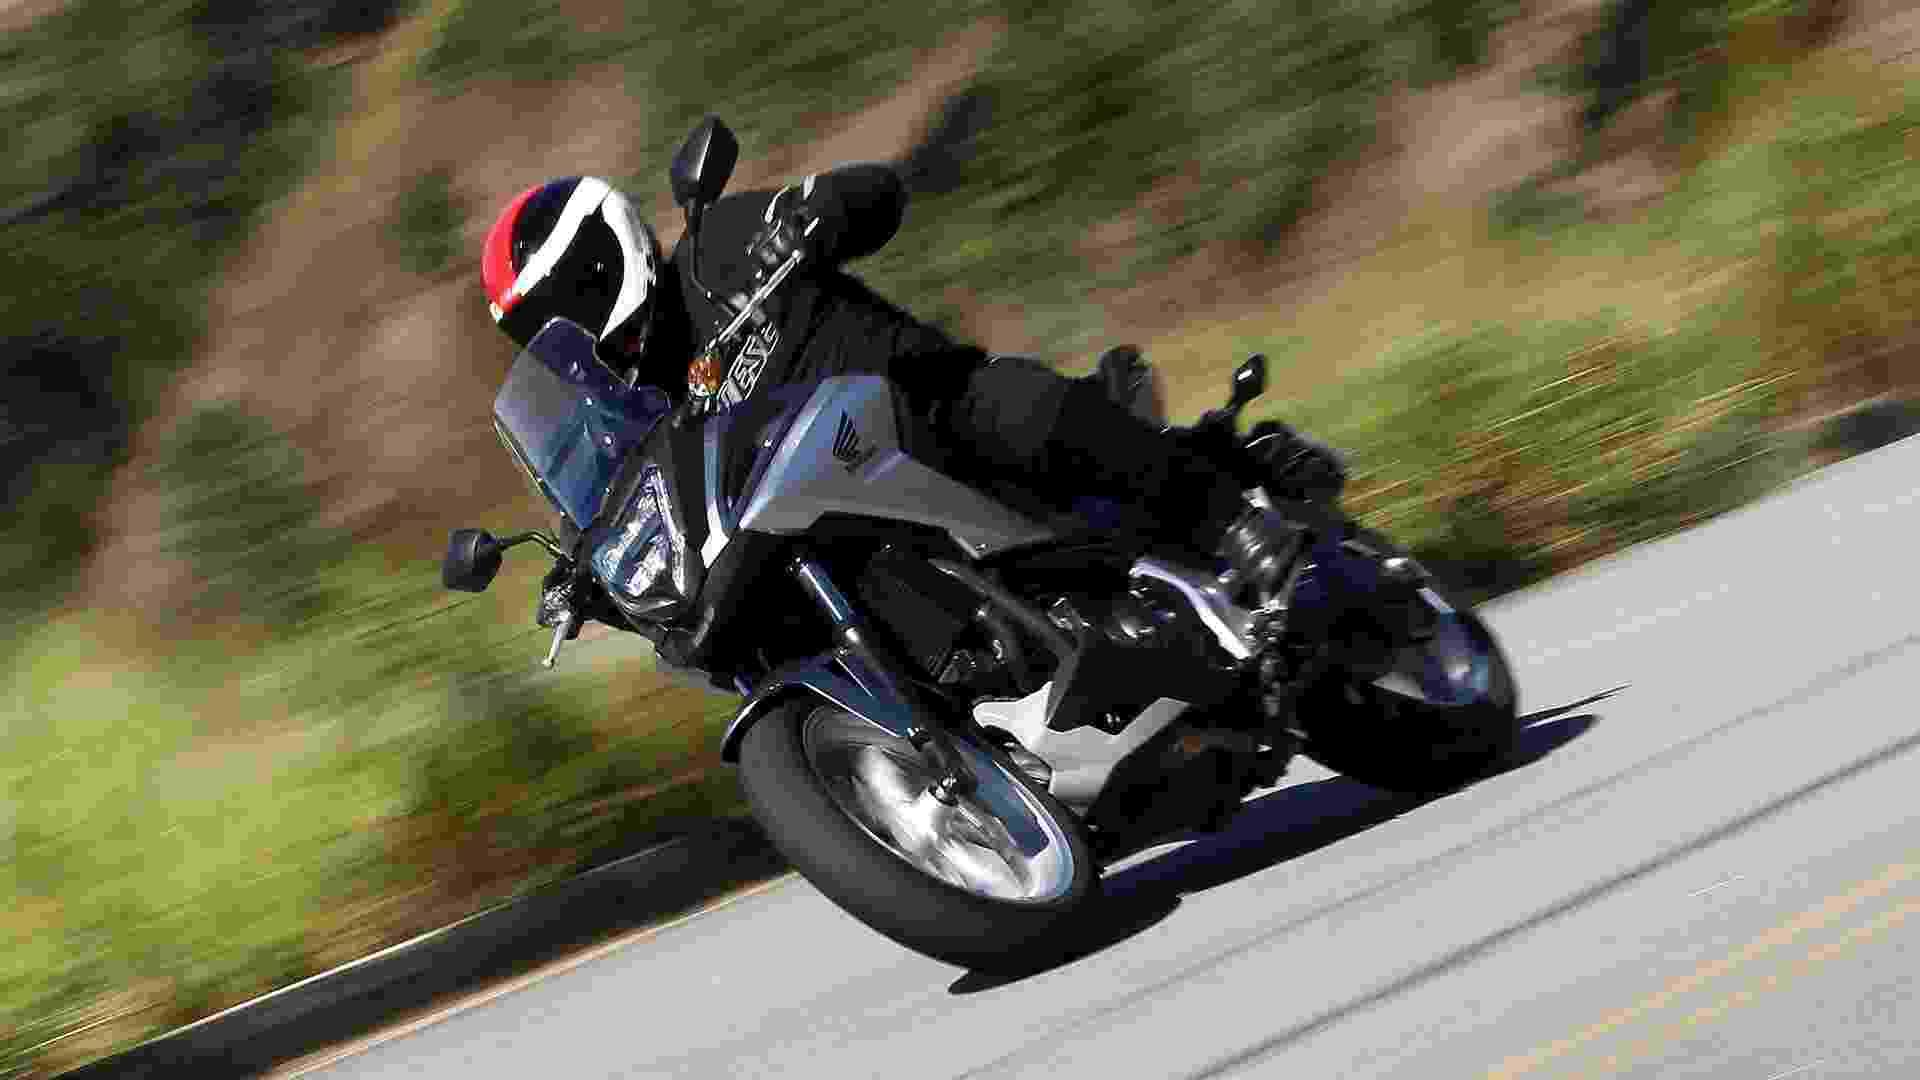 Honda NC 750X - Mario Villaescusa/Infomoto